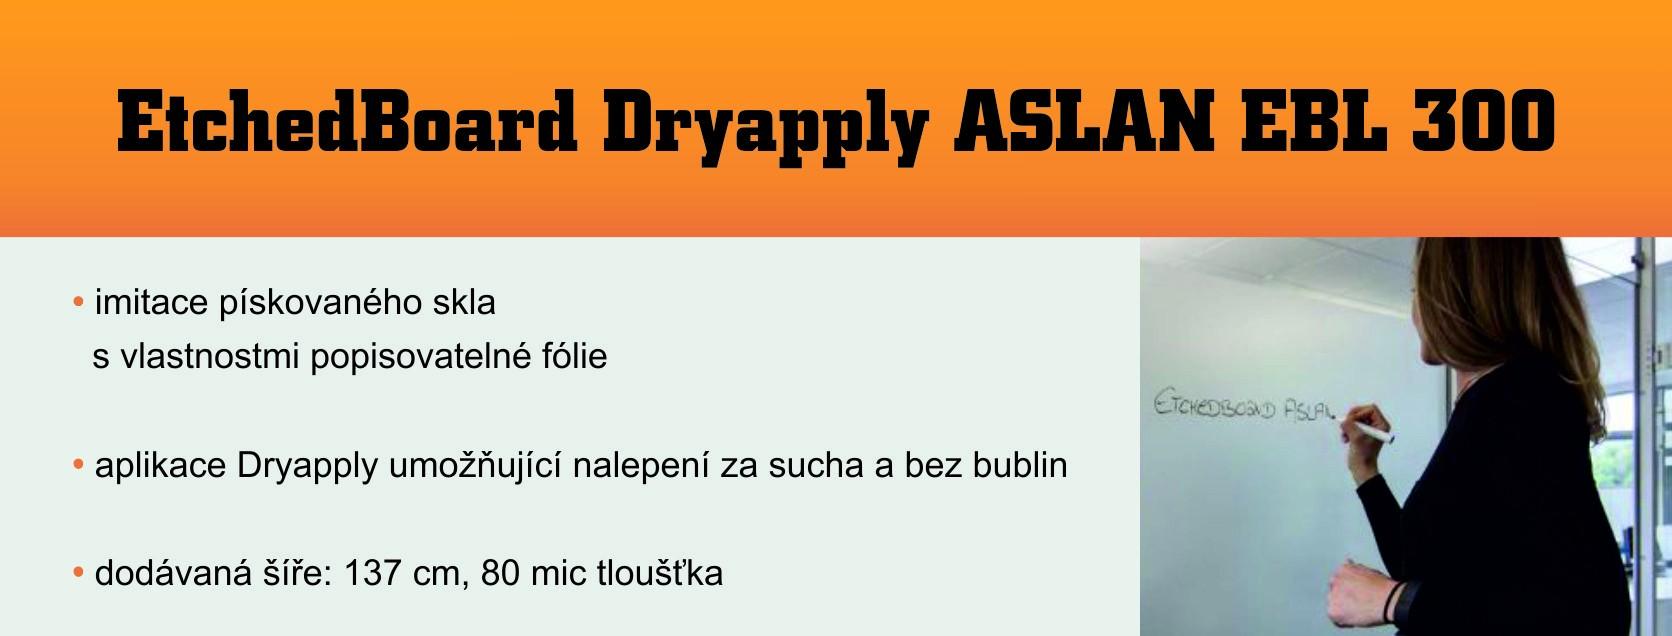 Etchedboard Dryapply ASLAN EBL 300